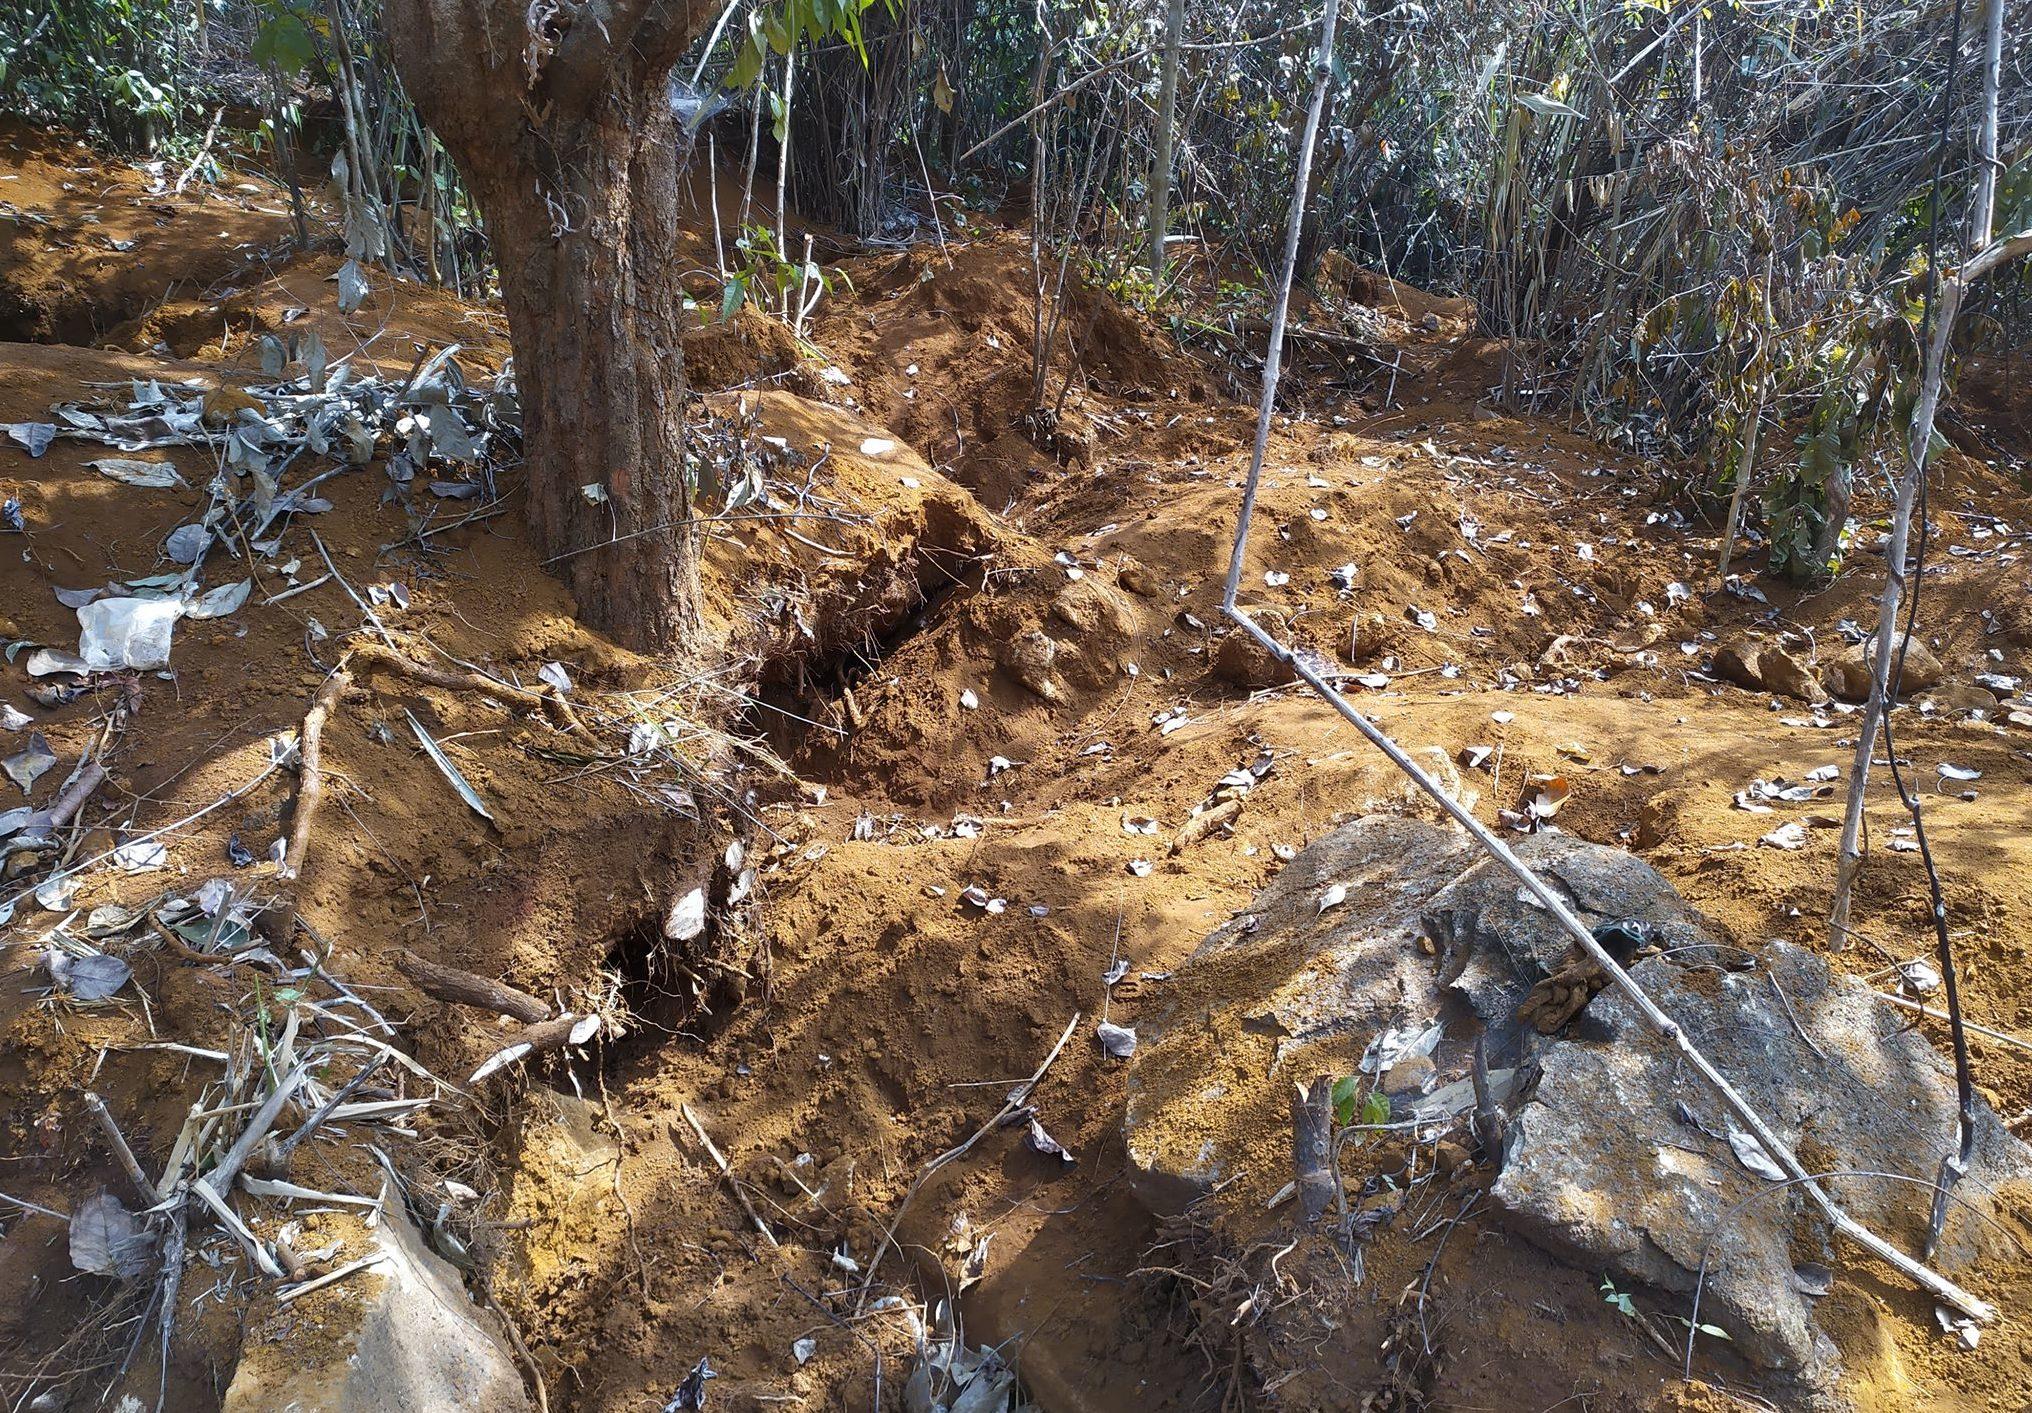 လိပ်ကျောက်တူးဖော်မှုကြောင် ငွေပျော်စံပြကျေးရွာ သစ်တော ဧက ၁၀ ကျော် ပျက်စီး